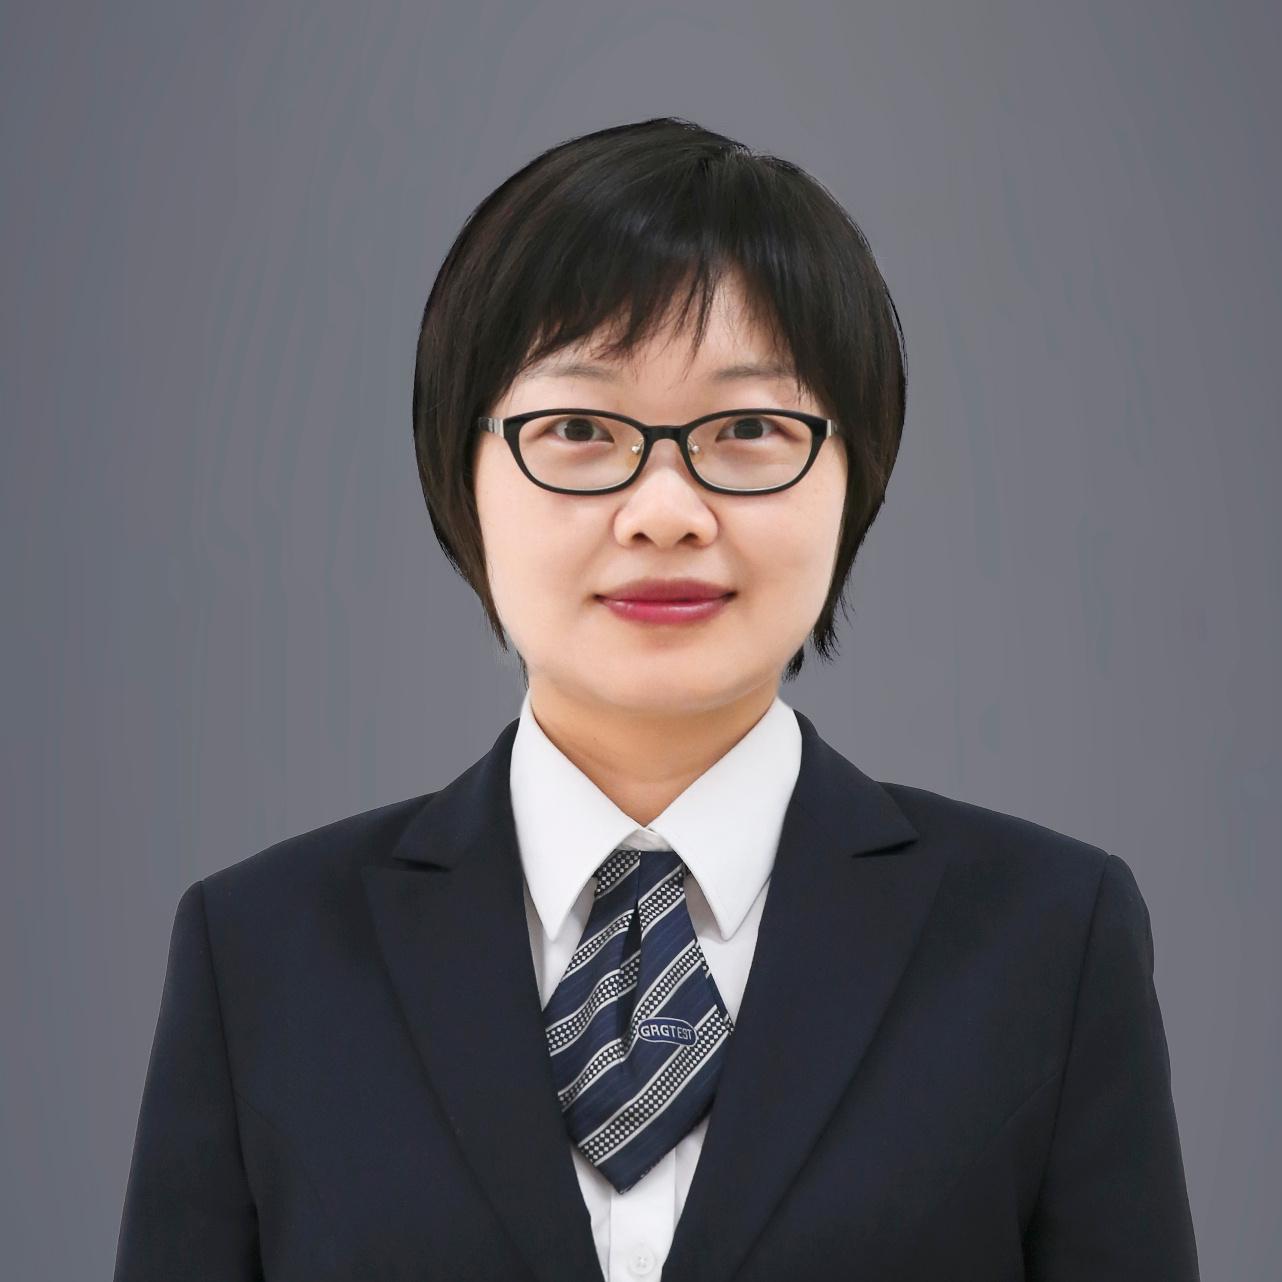 刘玲玲,广电计量人力资源副总监,14年人力资源经历,9年检测行业经验,长期从事招聘及人力资源管理工作,擅长应届毕业生职业规划引导。